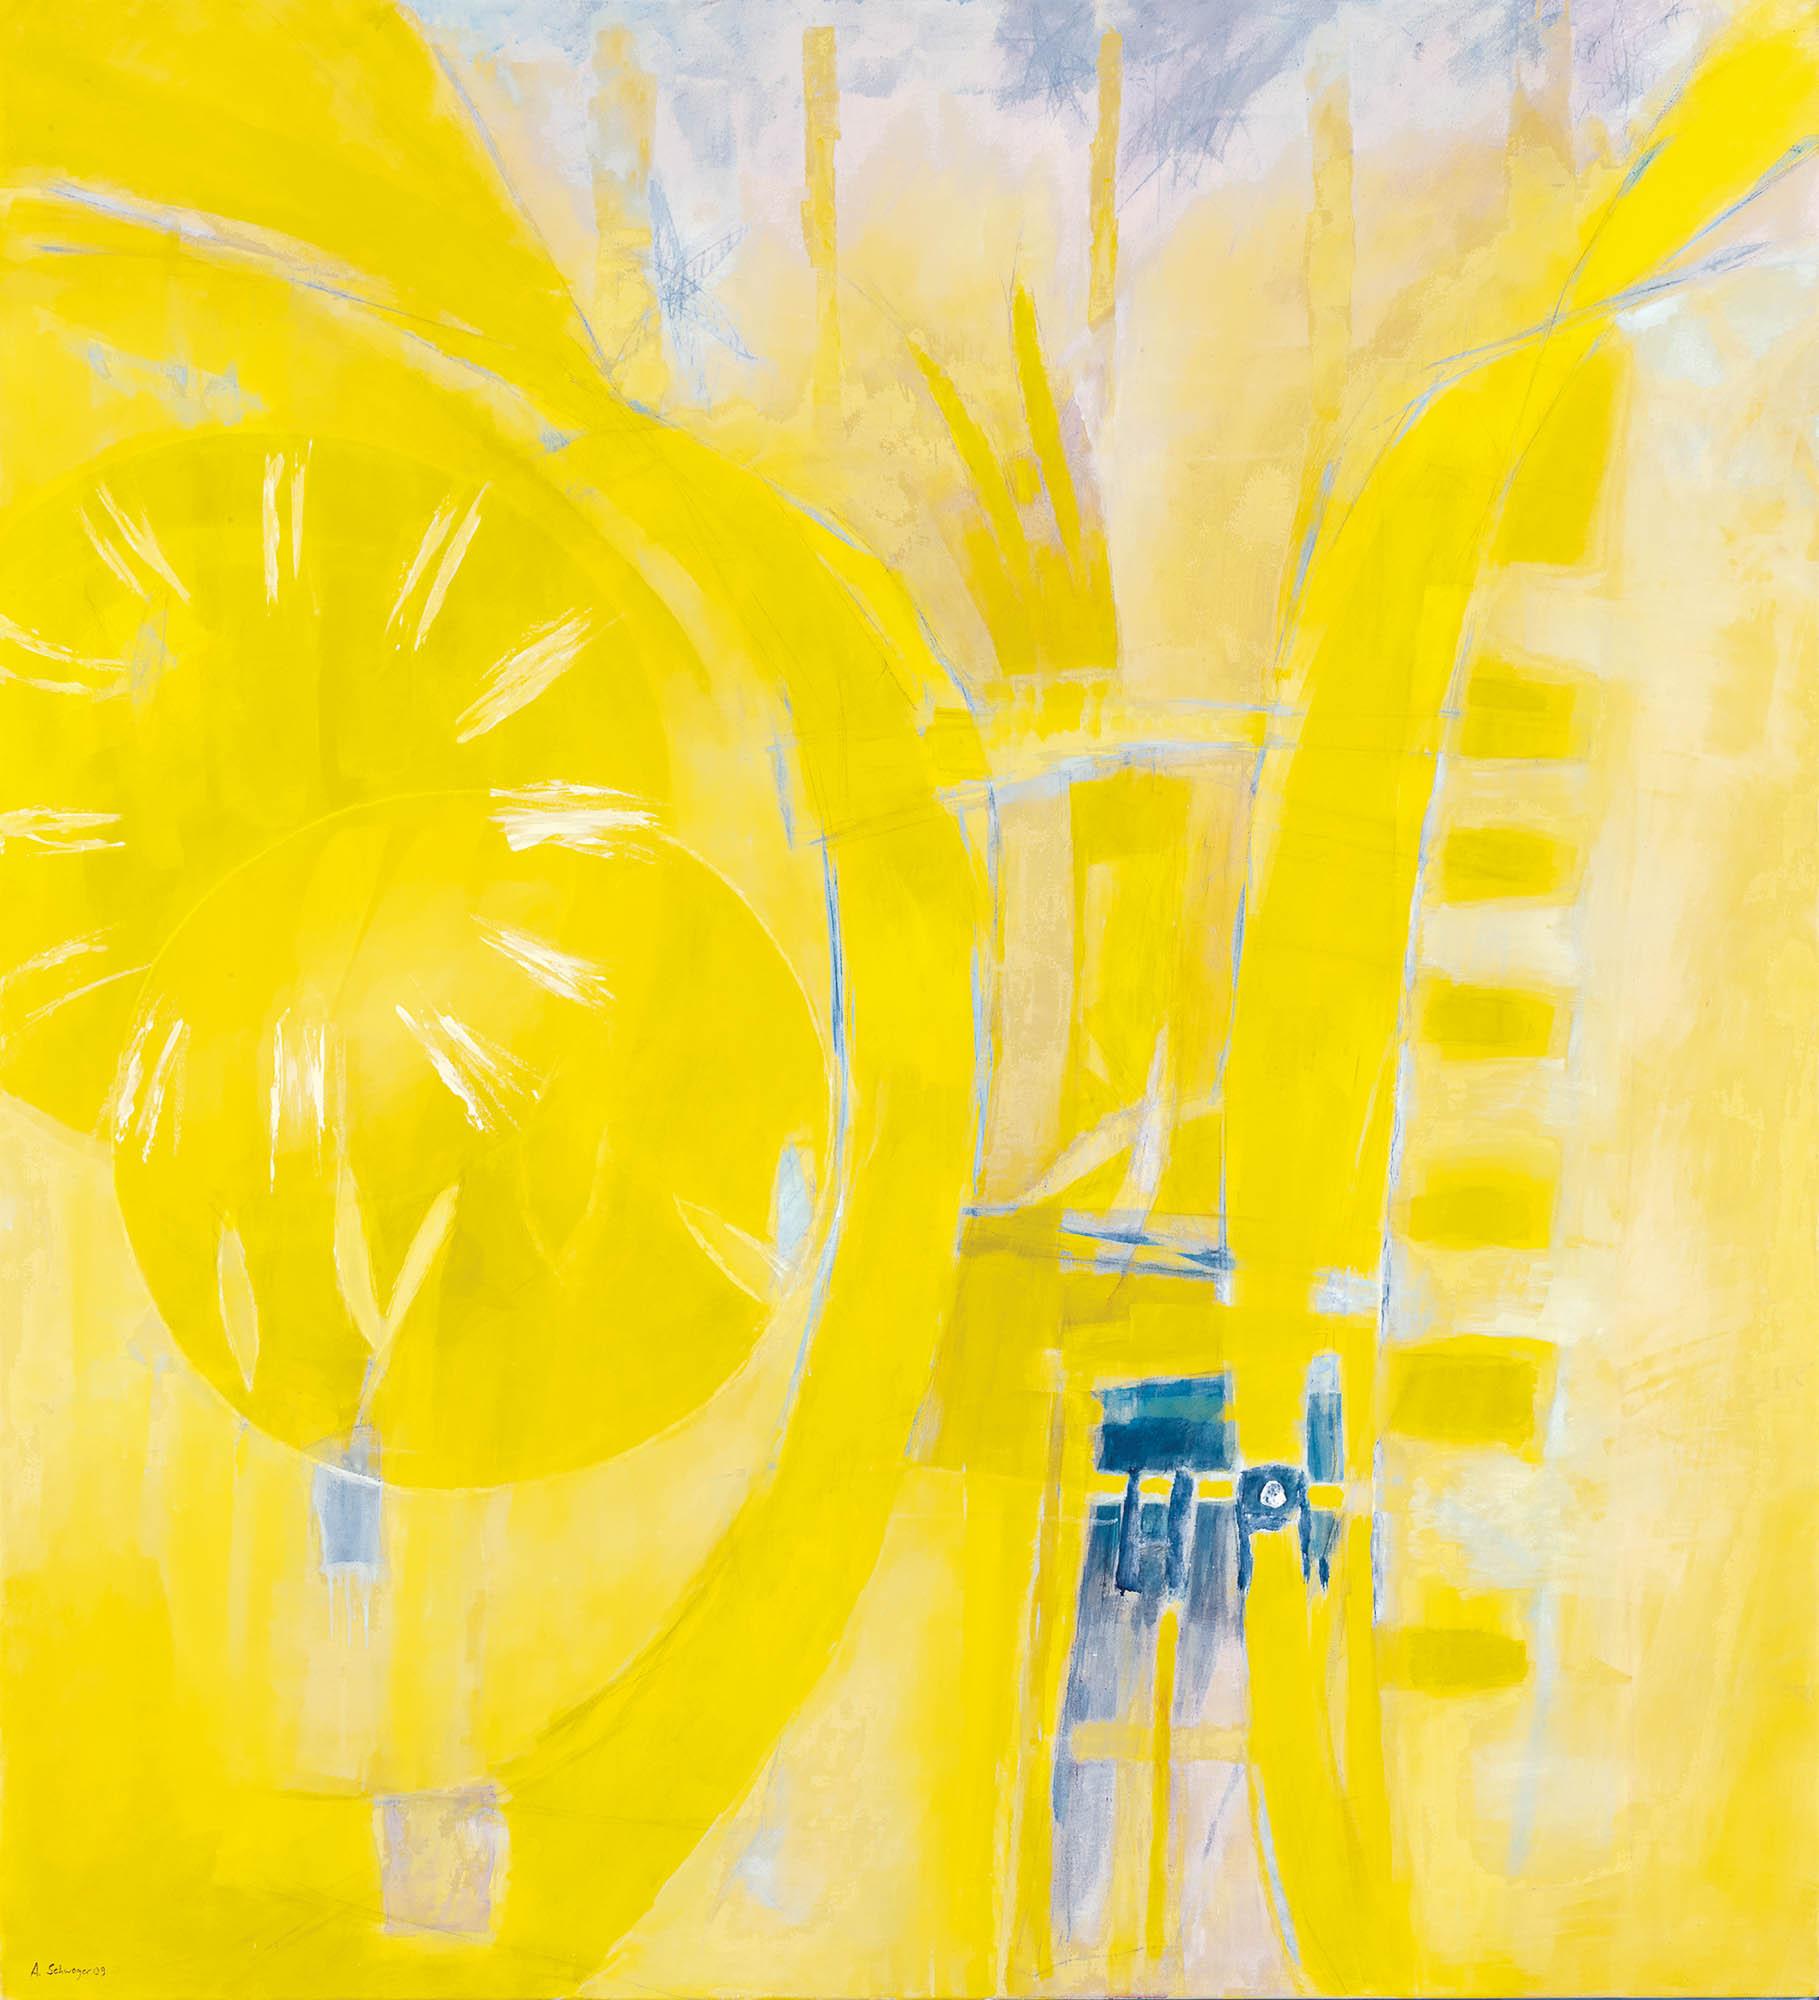 Juni (Mathematismus), 2009, Mischtechnik auf Leinwand, 165 × 150 cm